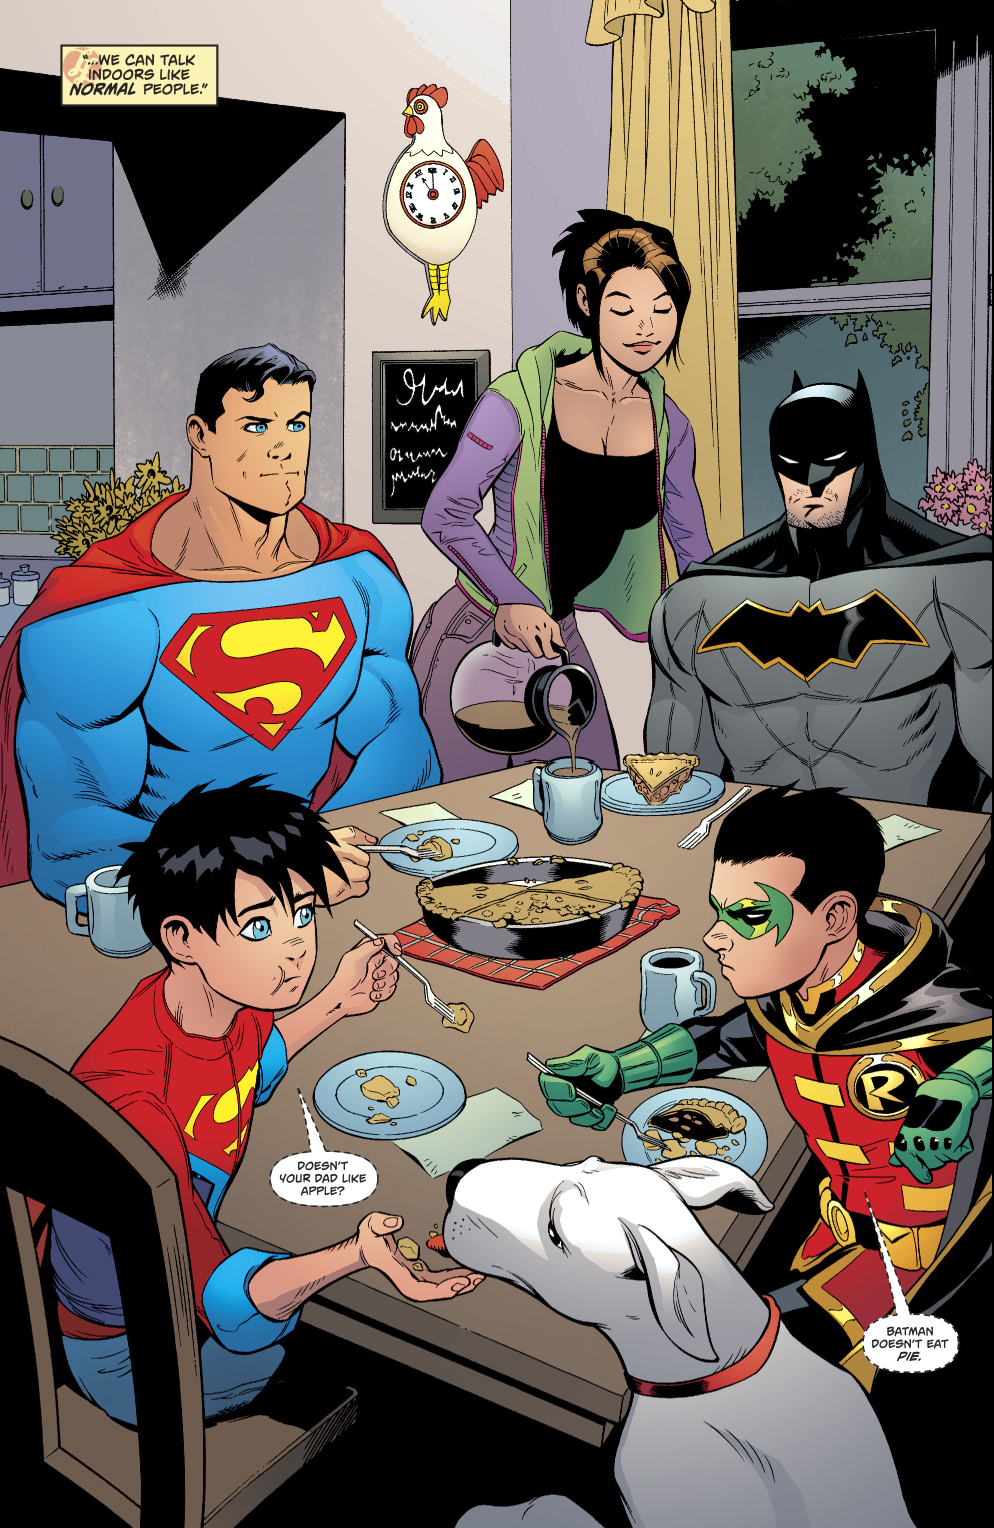 Batman Doesn't Eat Pie